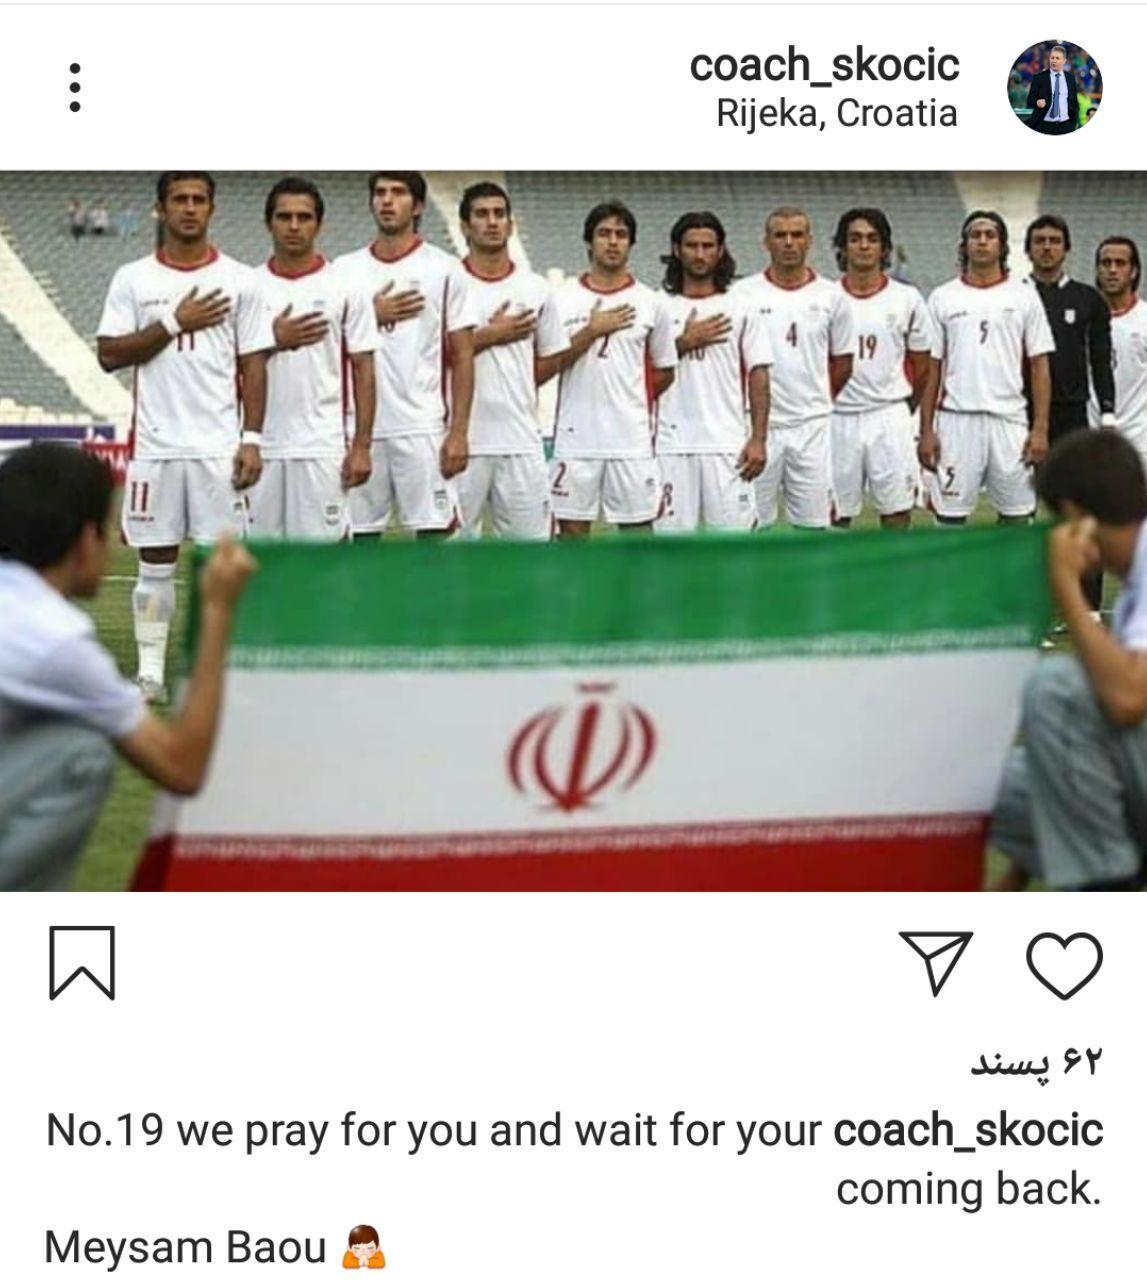 سرمربی تیم ملی فوتبال ایران برای میثم بائو آرزوی سلامتی کرد.